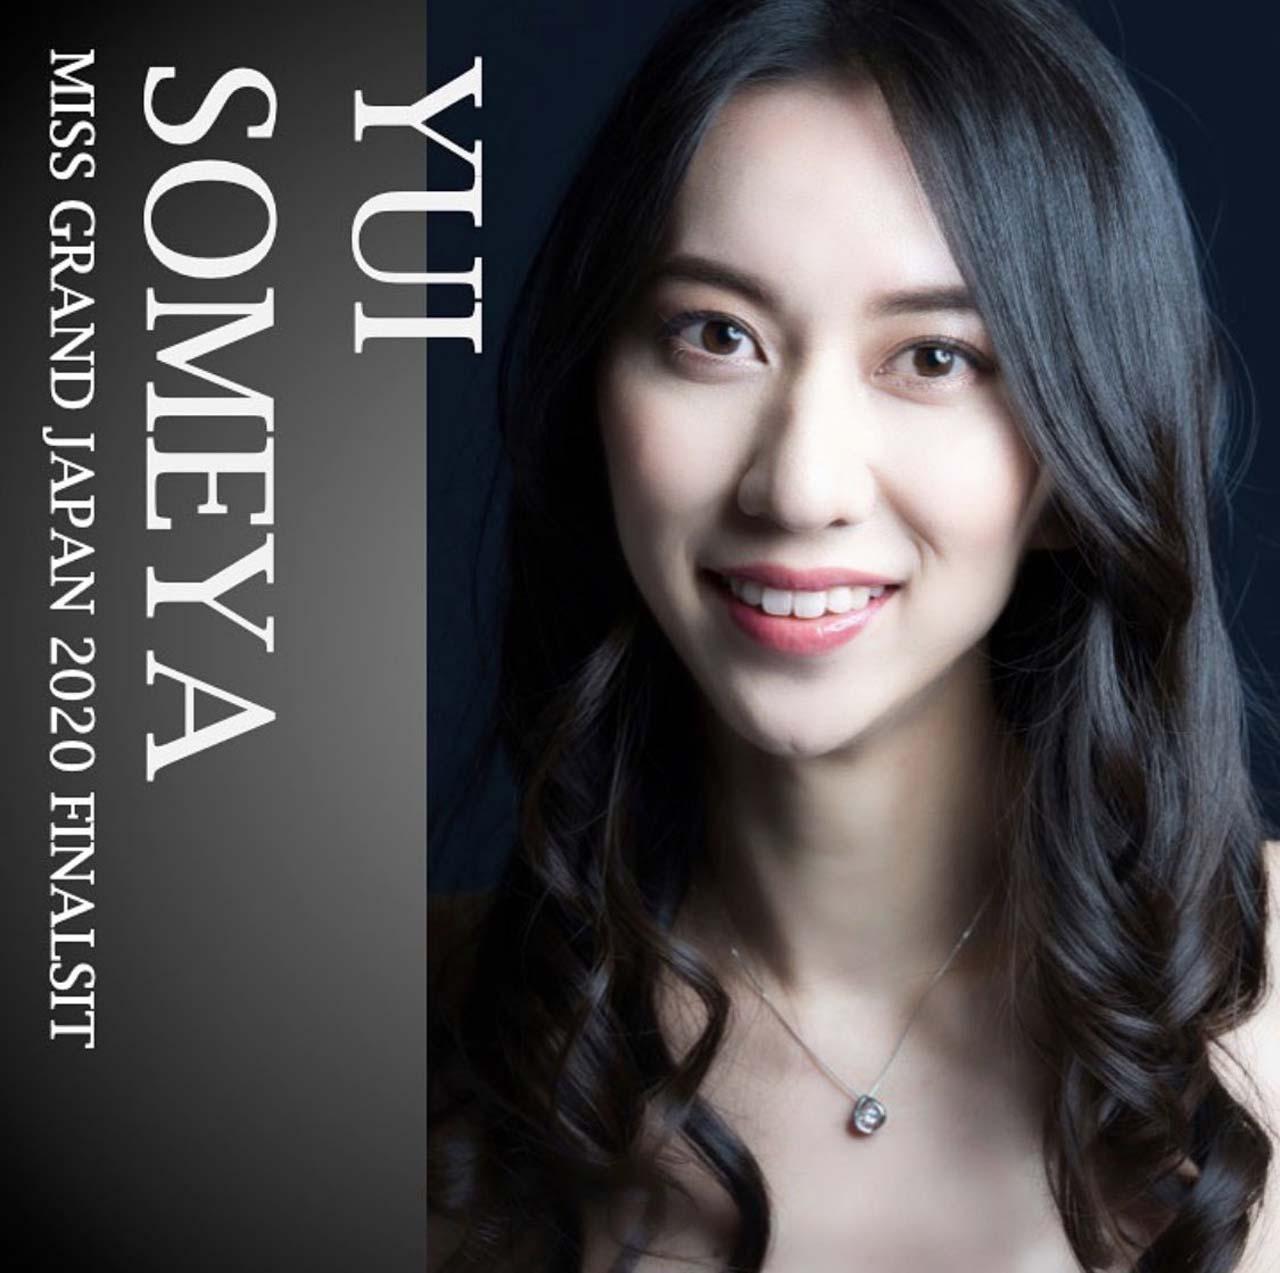 yui_3